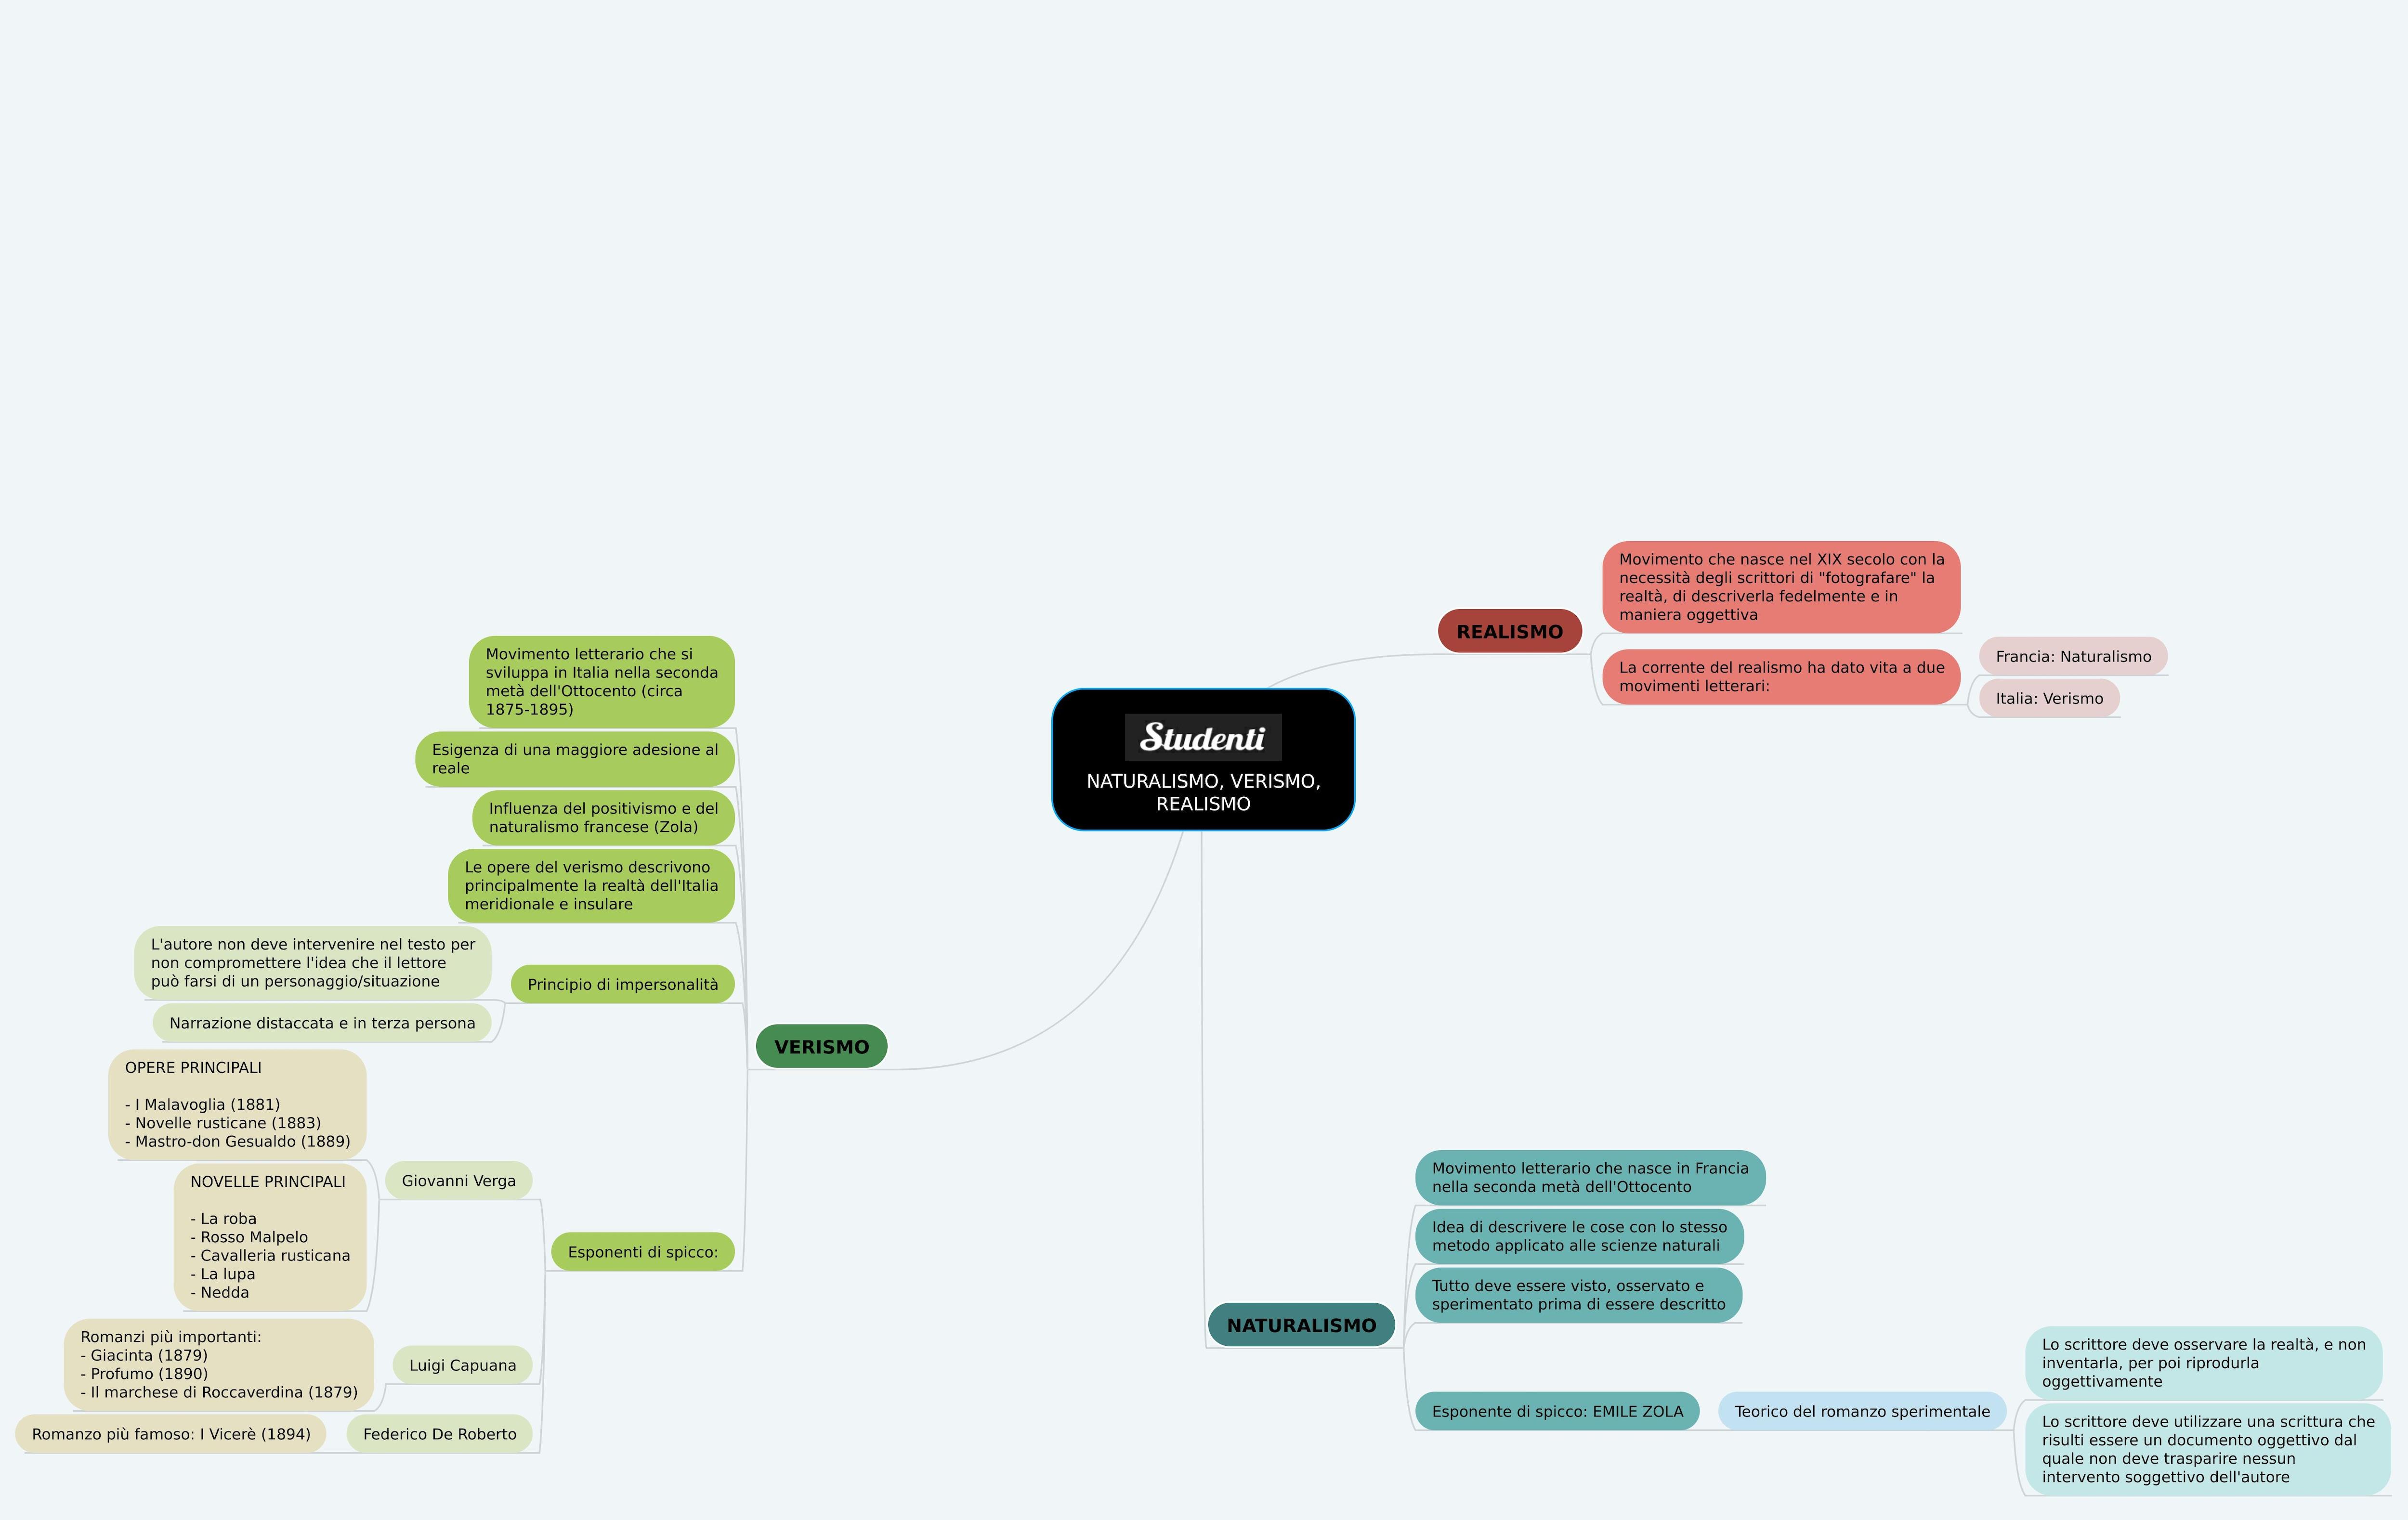 Mappa concettuale su realismo, naturalismo, verismo